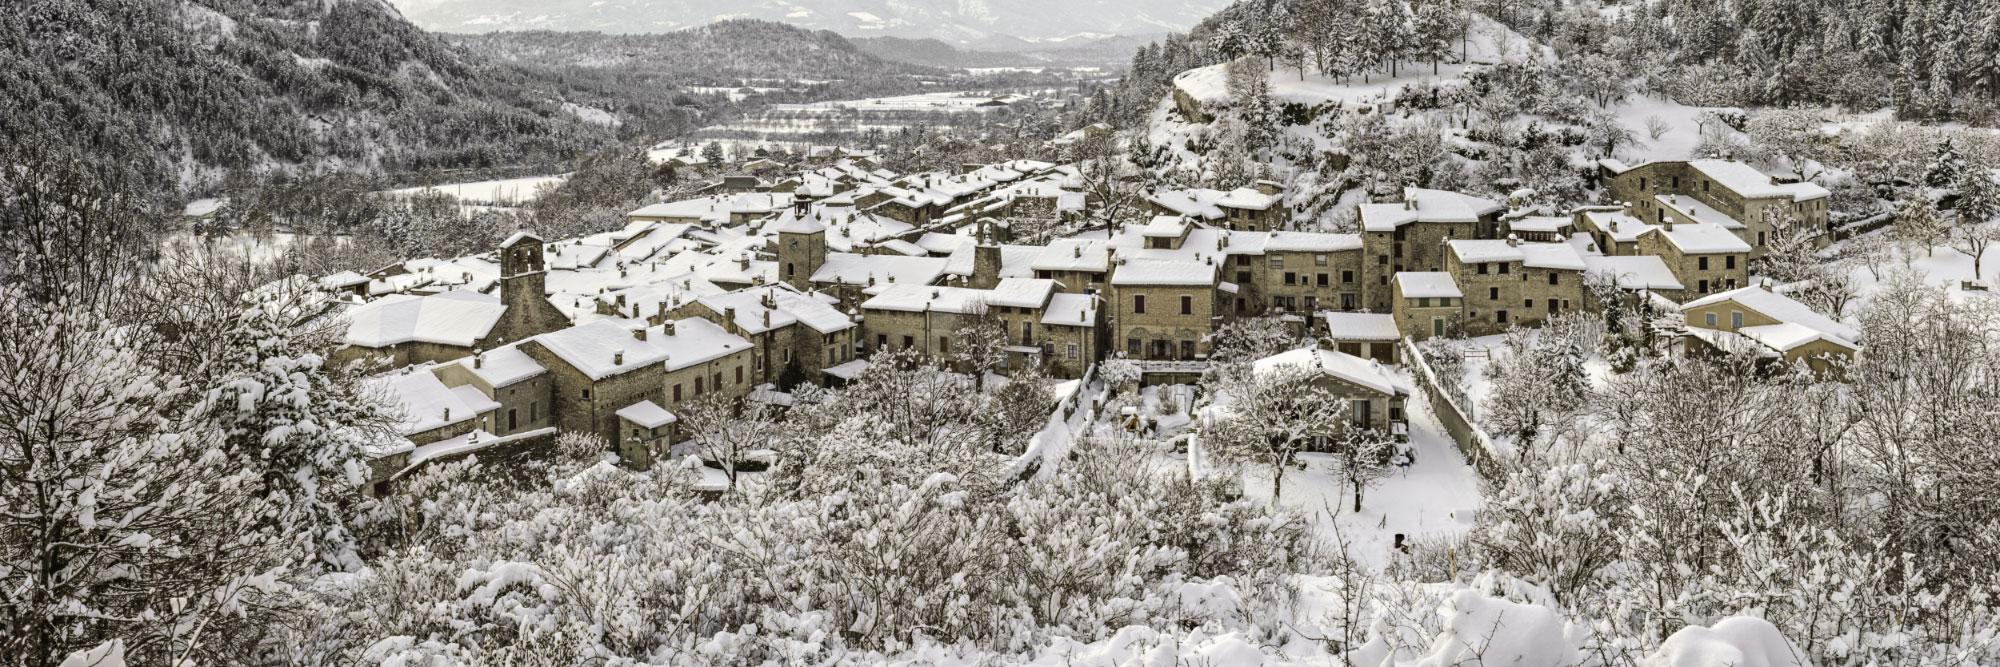 Châtillon-en-Diois en hiver, Vercors